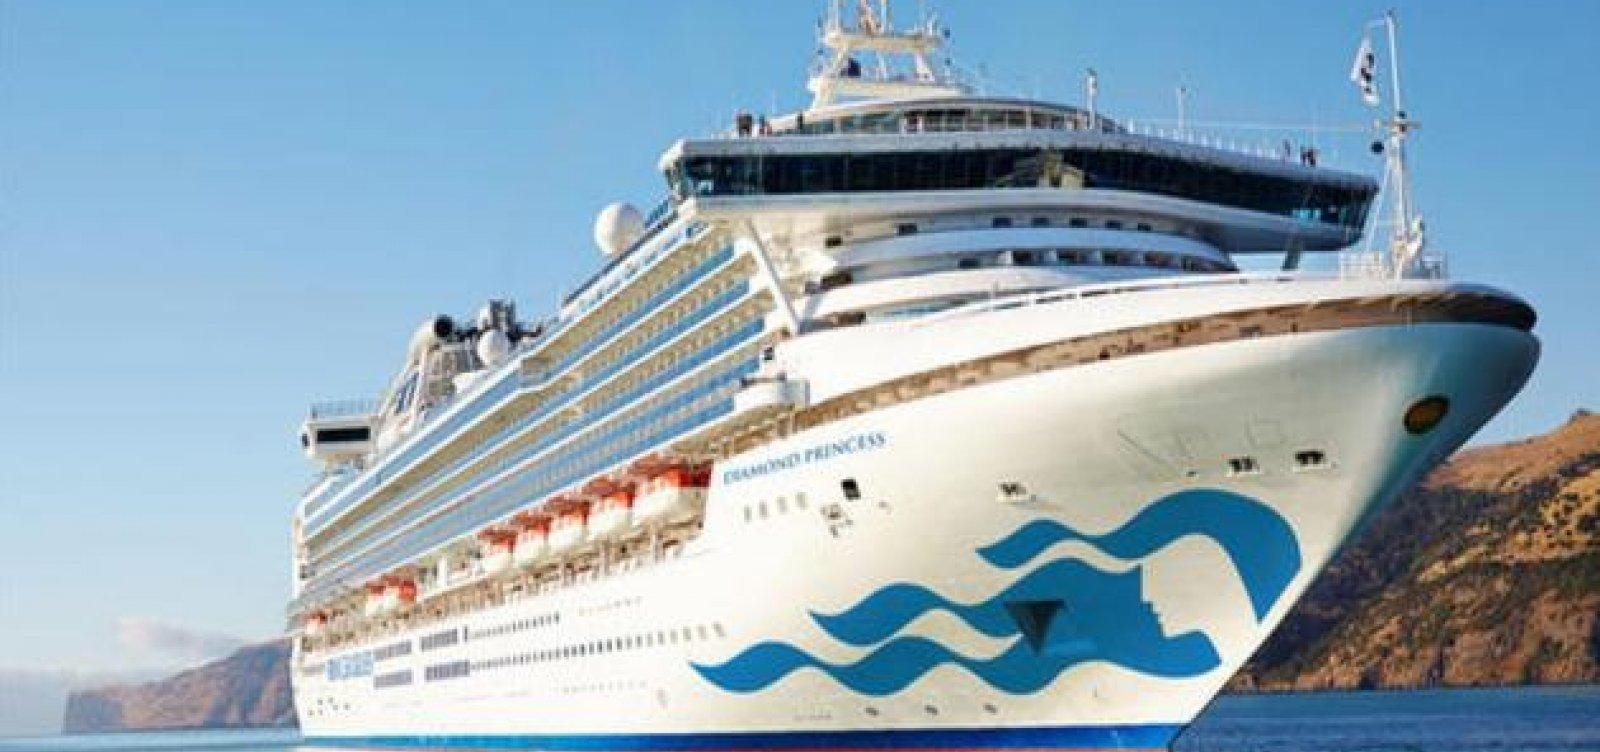 [Coronavírus: passageiros de navio ancorado em Tóquio serão liberados a partir desta quarta]